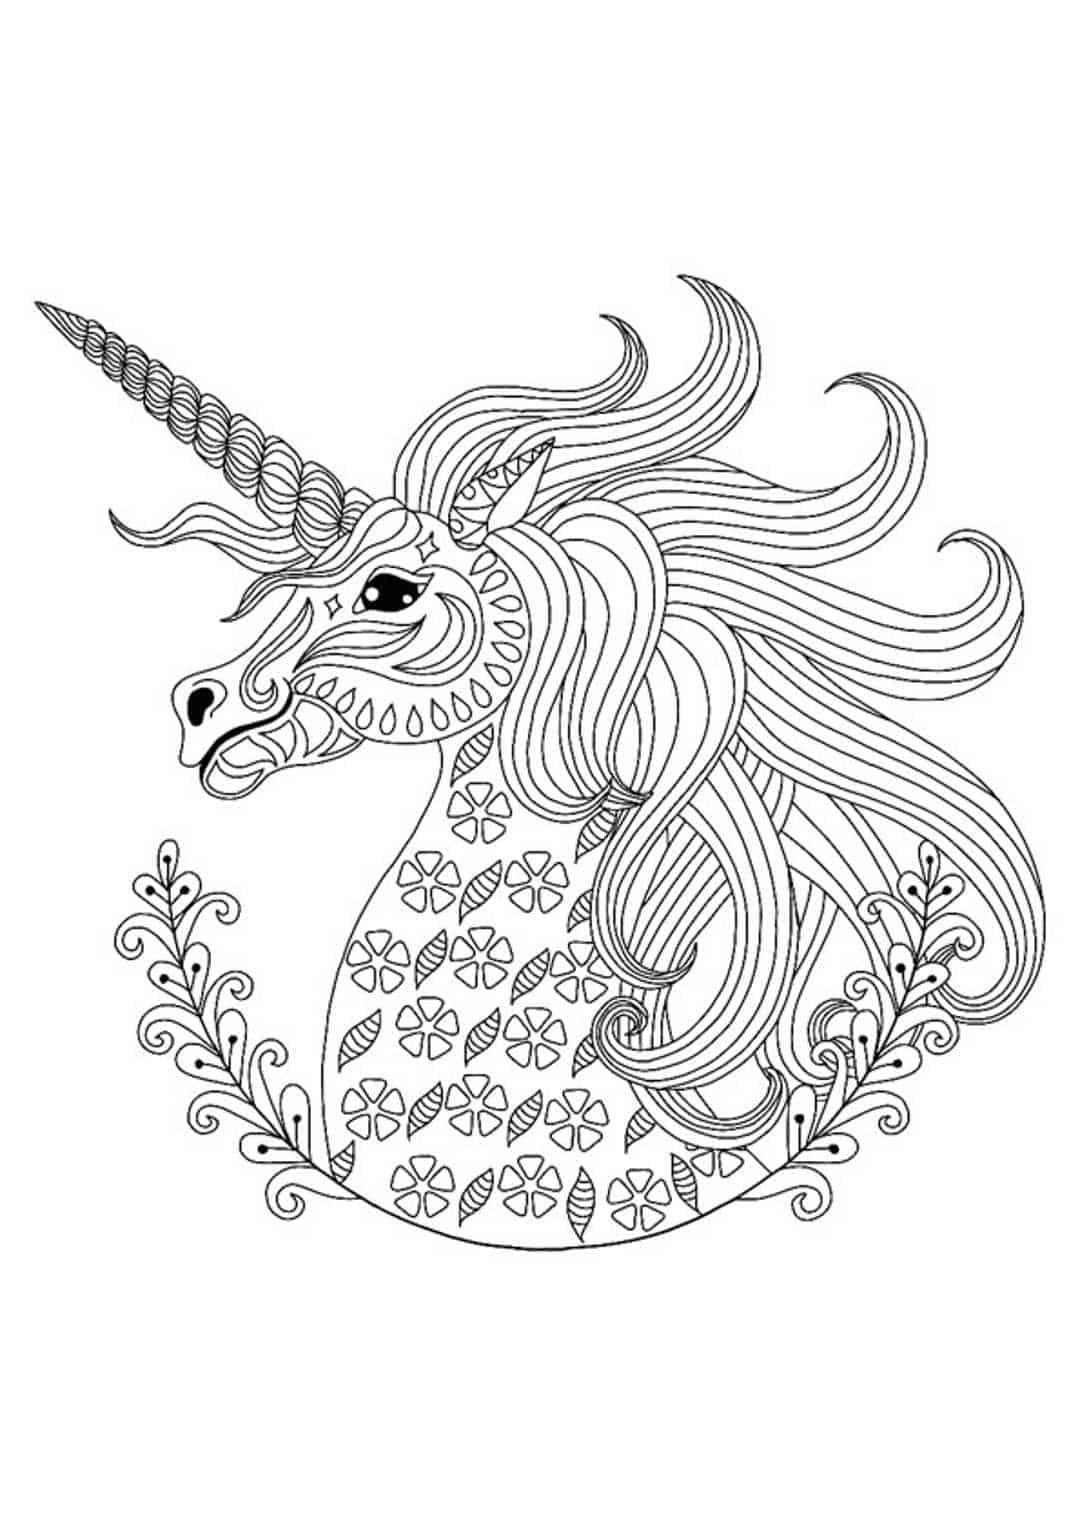 Mandala Tiere Einhorn Abcmalvorlagen Info Malvorlage Einhorn Mandala Ausmalen Malvorlagen Pferde